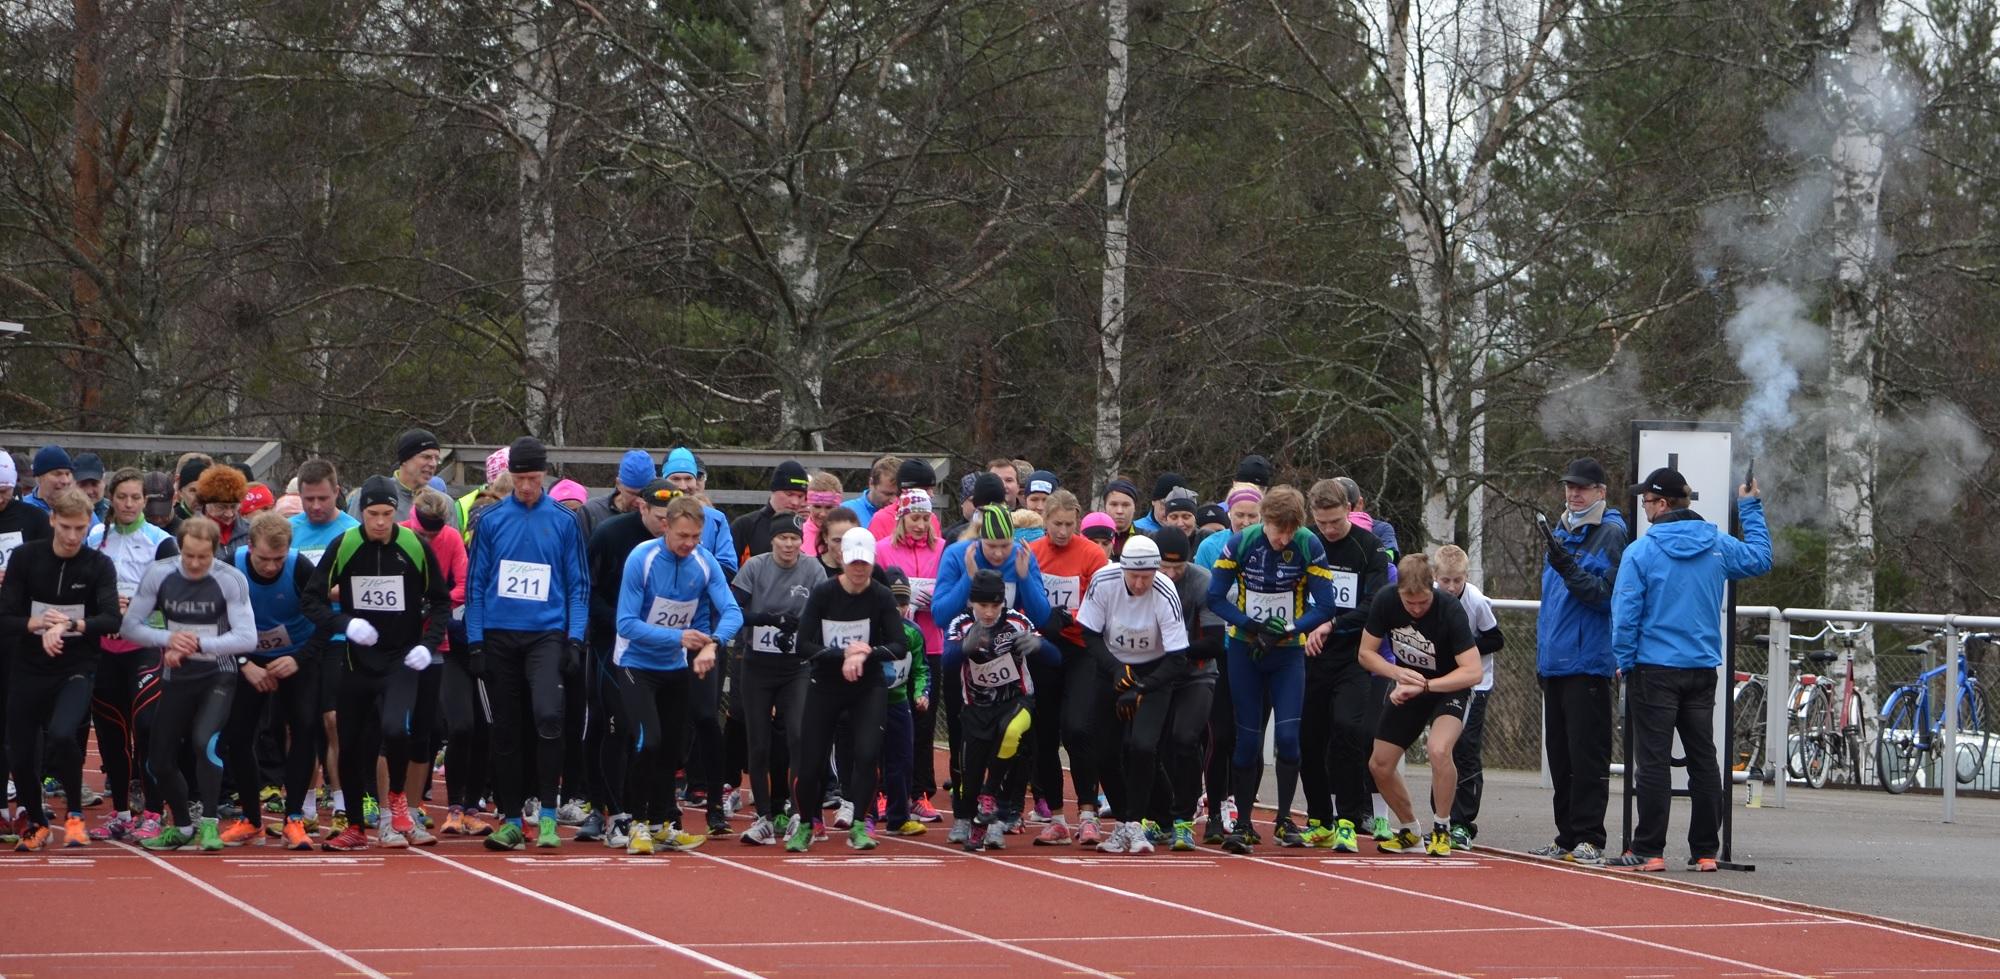 Lähtöpaikkana toimii Sastamalan keskusurheilukenttä.